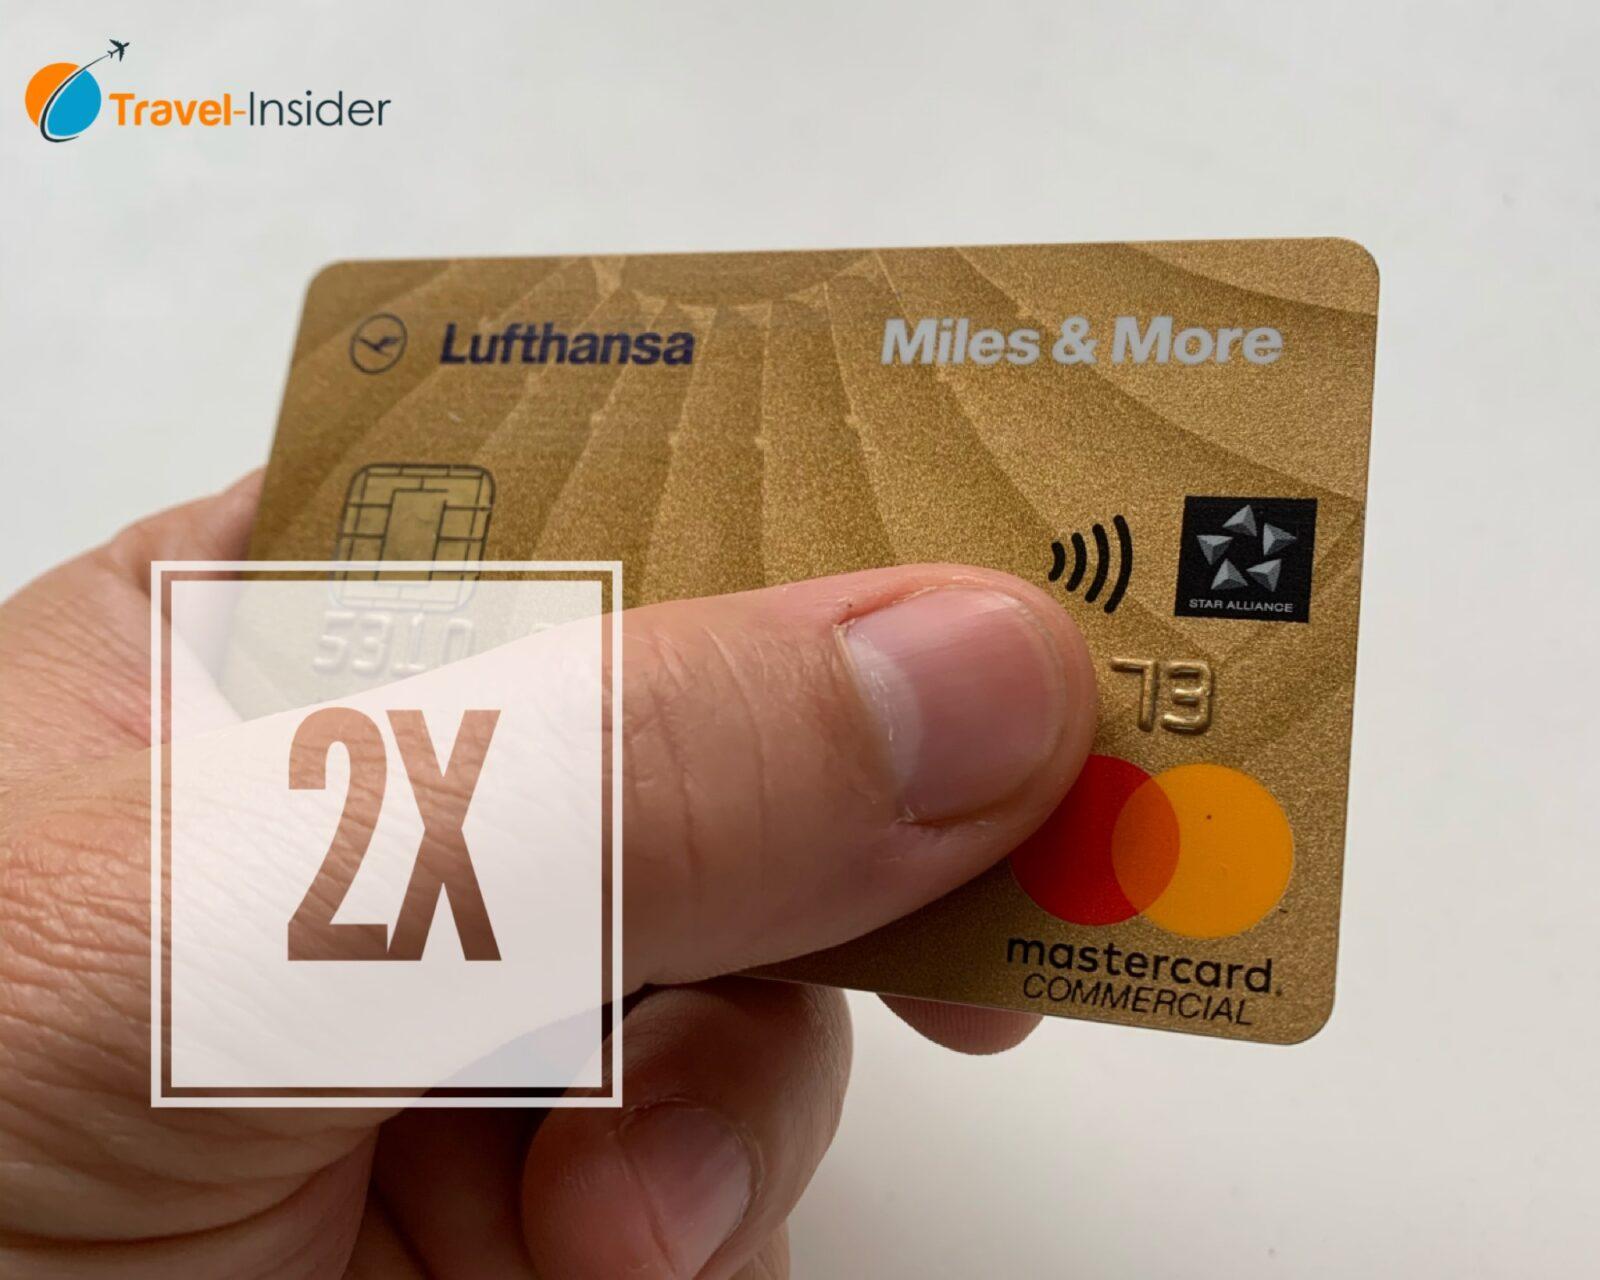 Aktion: Doppelte Prämienmeilen mit der Miles & More Kreditkarte im Oktober 2020